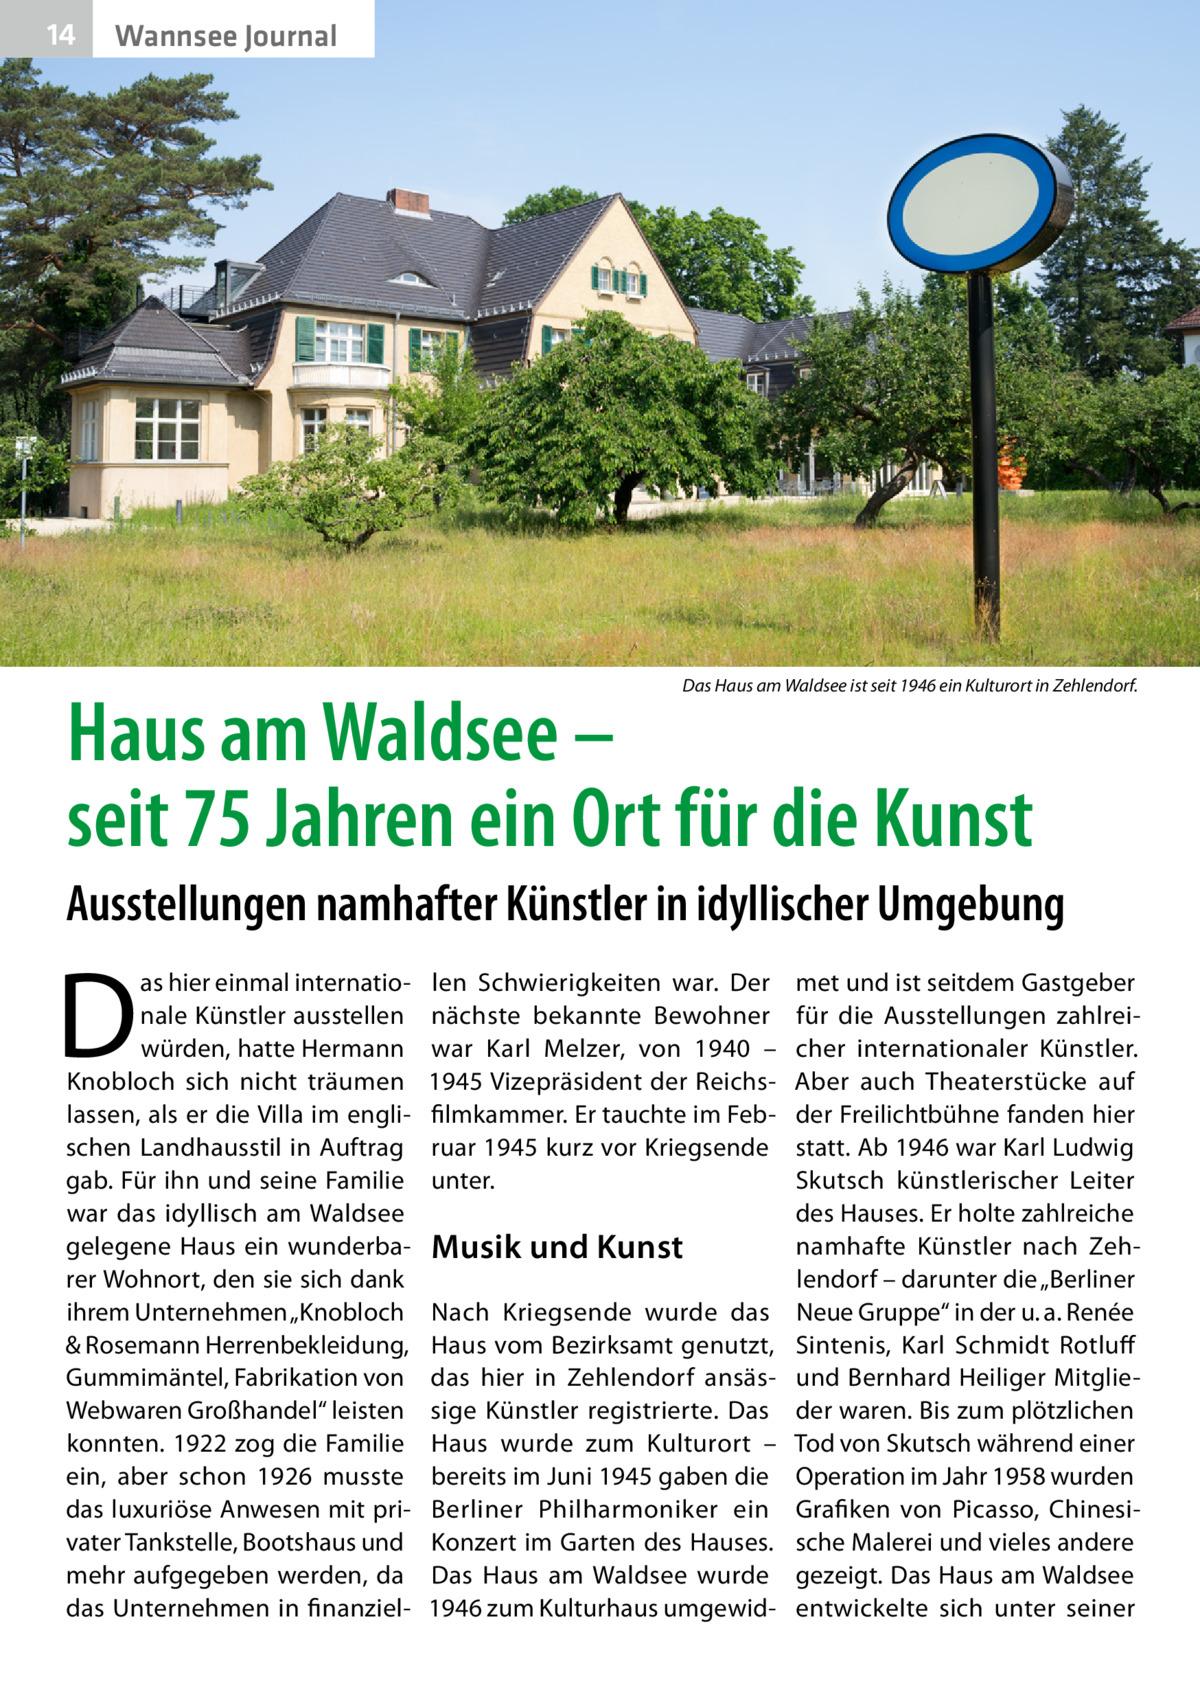 """14  Wannsee Journal  Das Haus am Waldsee ist seit 1946 ein Kulturort in Zehlendorf.  Haus am Waldsee – seit 75Jahren ein Ort für die Kunst  Ausstellungen namhafter Künstler in idyllischer Umgebung  D  as hier einmal internationale Künstler ausstellen würden, hatte Hermann Knobloch sich nicht träumen lassen, als er die Villa im englischen Landhausstil in Auftrag gab. Für ihn und seine Familie war das idyllisch am Waldsee gelegene Haus ein wunderbarer Wohnort, den sie sich dank ihrem Unternehmen """"Knobloch & Rosemann Herrenbekleidung, Gummimäntel, Fabrikation von Webwaren Großhandel"""" leisten konnten. 1922 zog die Familie ein, aber schon 1926 musste das luxuriöse Anwesen mit privater Tankstelle, Bootshaus und mehr aufgegeben werden, da das Unternehmen in finanziel len Schwierigkeiten war. Der nächste bekannte Bewohner war Karl Melzer, von 1940 – 1945 Vizepräsident der Reichsfilmkammer. Er tauchte im Februar 1945 kurz vor Kriegsende unter.  Musik und Kunst Nach Kriegsende wurde das Haus vom Bezirksamt genutzt, das hier in Zehlendorf ansässige Künstler registrierte. Das Haus wurde zum Kulturort – bereits im Juni 1945 gaben die Berliner Philharmoniker ein Konzert im Garten des Hauses. Das Haus am Waldsee wurde 1946 zum Kulturhaus umgewid met und ist seitdem Gastgeber für die Ausstellungen zahlreicher internationaler Künstler. Aber auch Theaterstücke auf der Freilichtbühne fanden hier statt. Ab 1946 war Karl Ludwig Skutsch künstlerischer Leiter des Hauses. Er holte zahlreiche namhafte Künstler nach Zehlendorf – darunter die """"Berliner Neue Gruppe"""" in der u.a. Renée Sintenis, Karl Schmidt Rotluff und Bernhard Heiliger Mitglieder waren. Bis zum plötzlichen Tod von Skutsch während einer Operation im Jahr 1958 wurden Grafiken von Picasso, Chinesische Malerei und vieles andere gezeigt. Das Haus am Waldsee entwickelte sich unter seiner"""